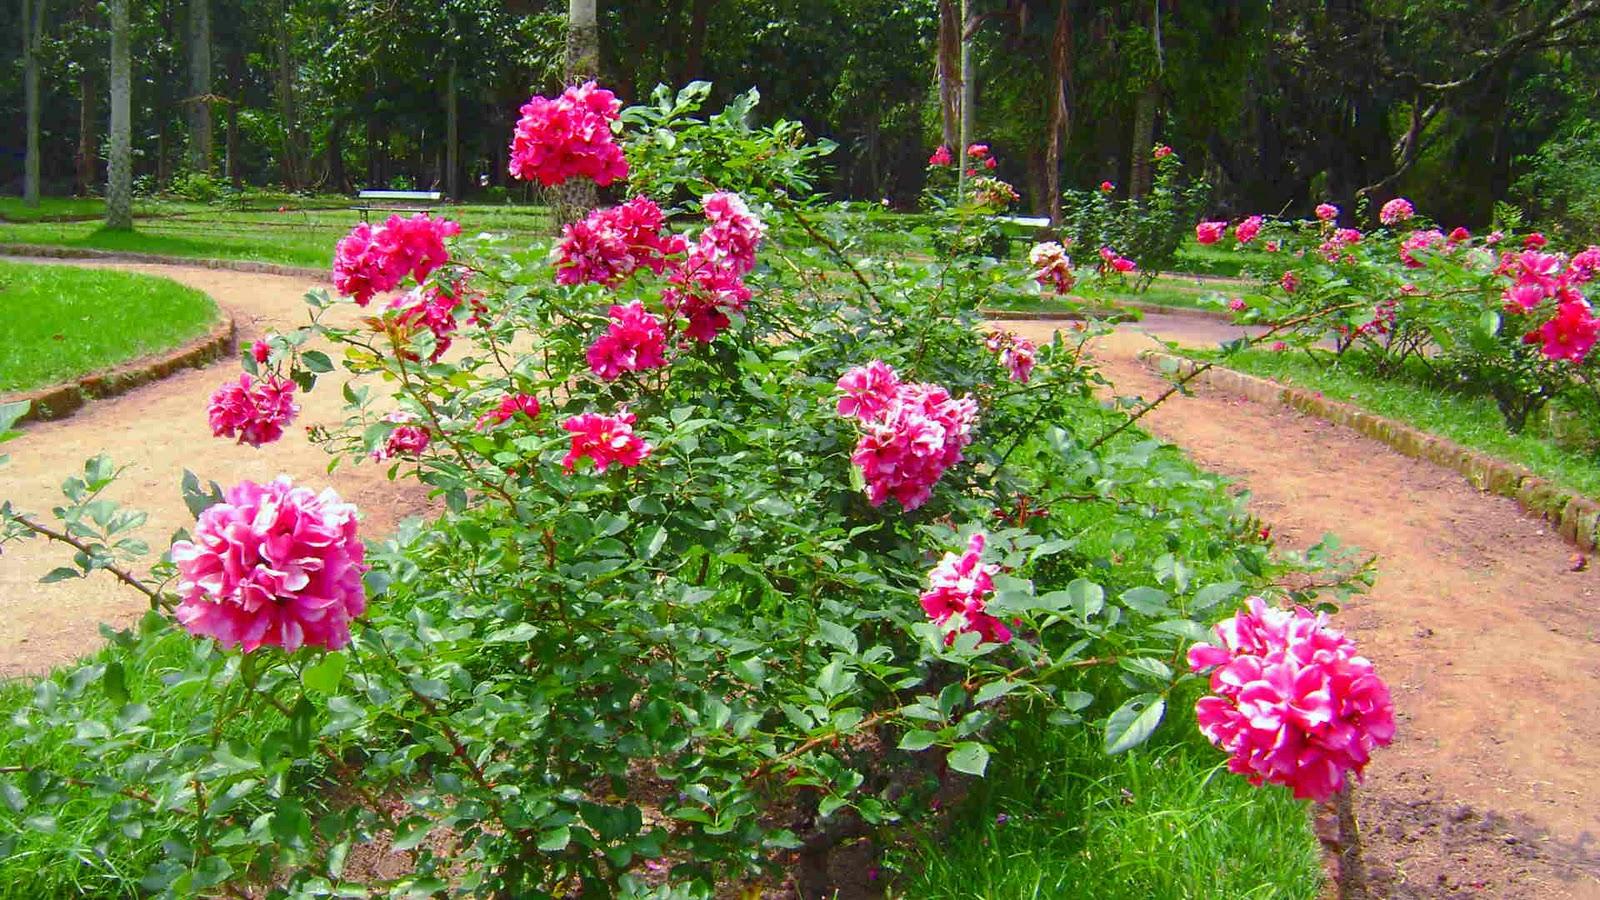 plantio de rosas em jardim : plantio de rosas em jardim ? Doitri.com